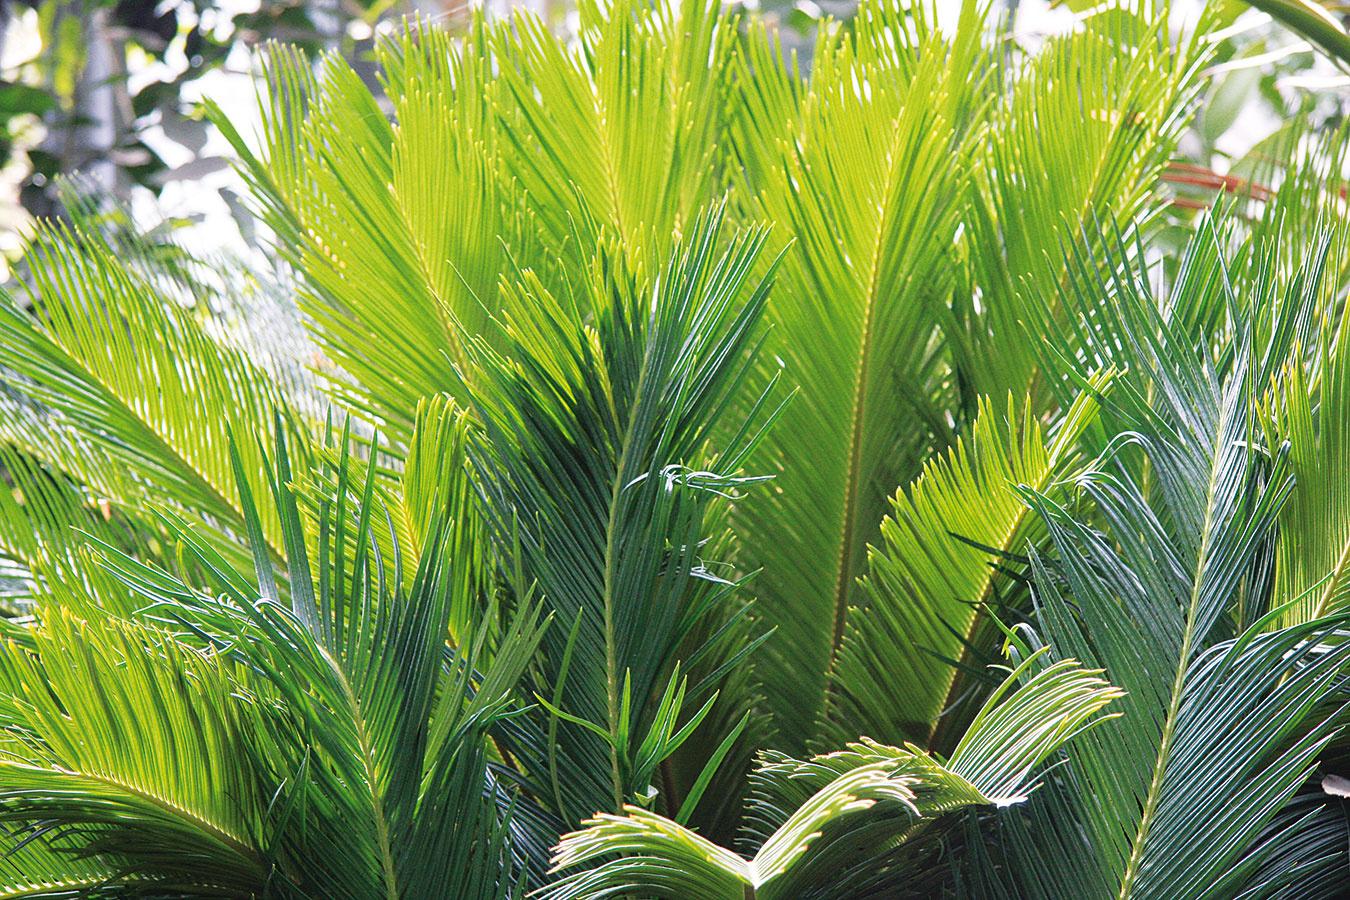 Cykasy (Cycas revoluta) sú pozostatkom zdávno minulých dôb apreto sú vporovnaní sinou interiérovou zeleňou vzácnejšie. Zimnej záhrade dodajú noblesu, adokonca sa im tu bude dariť oveľa lepšie ako inde vdome.